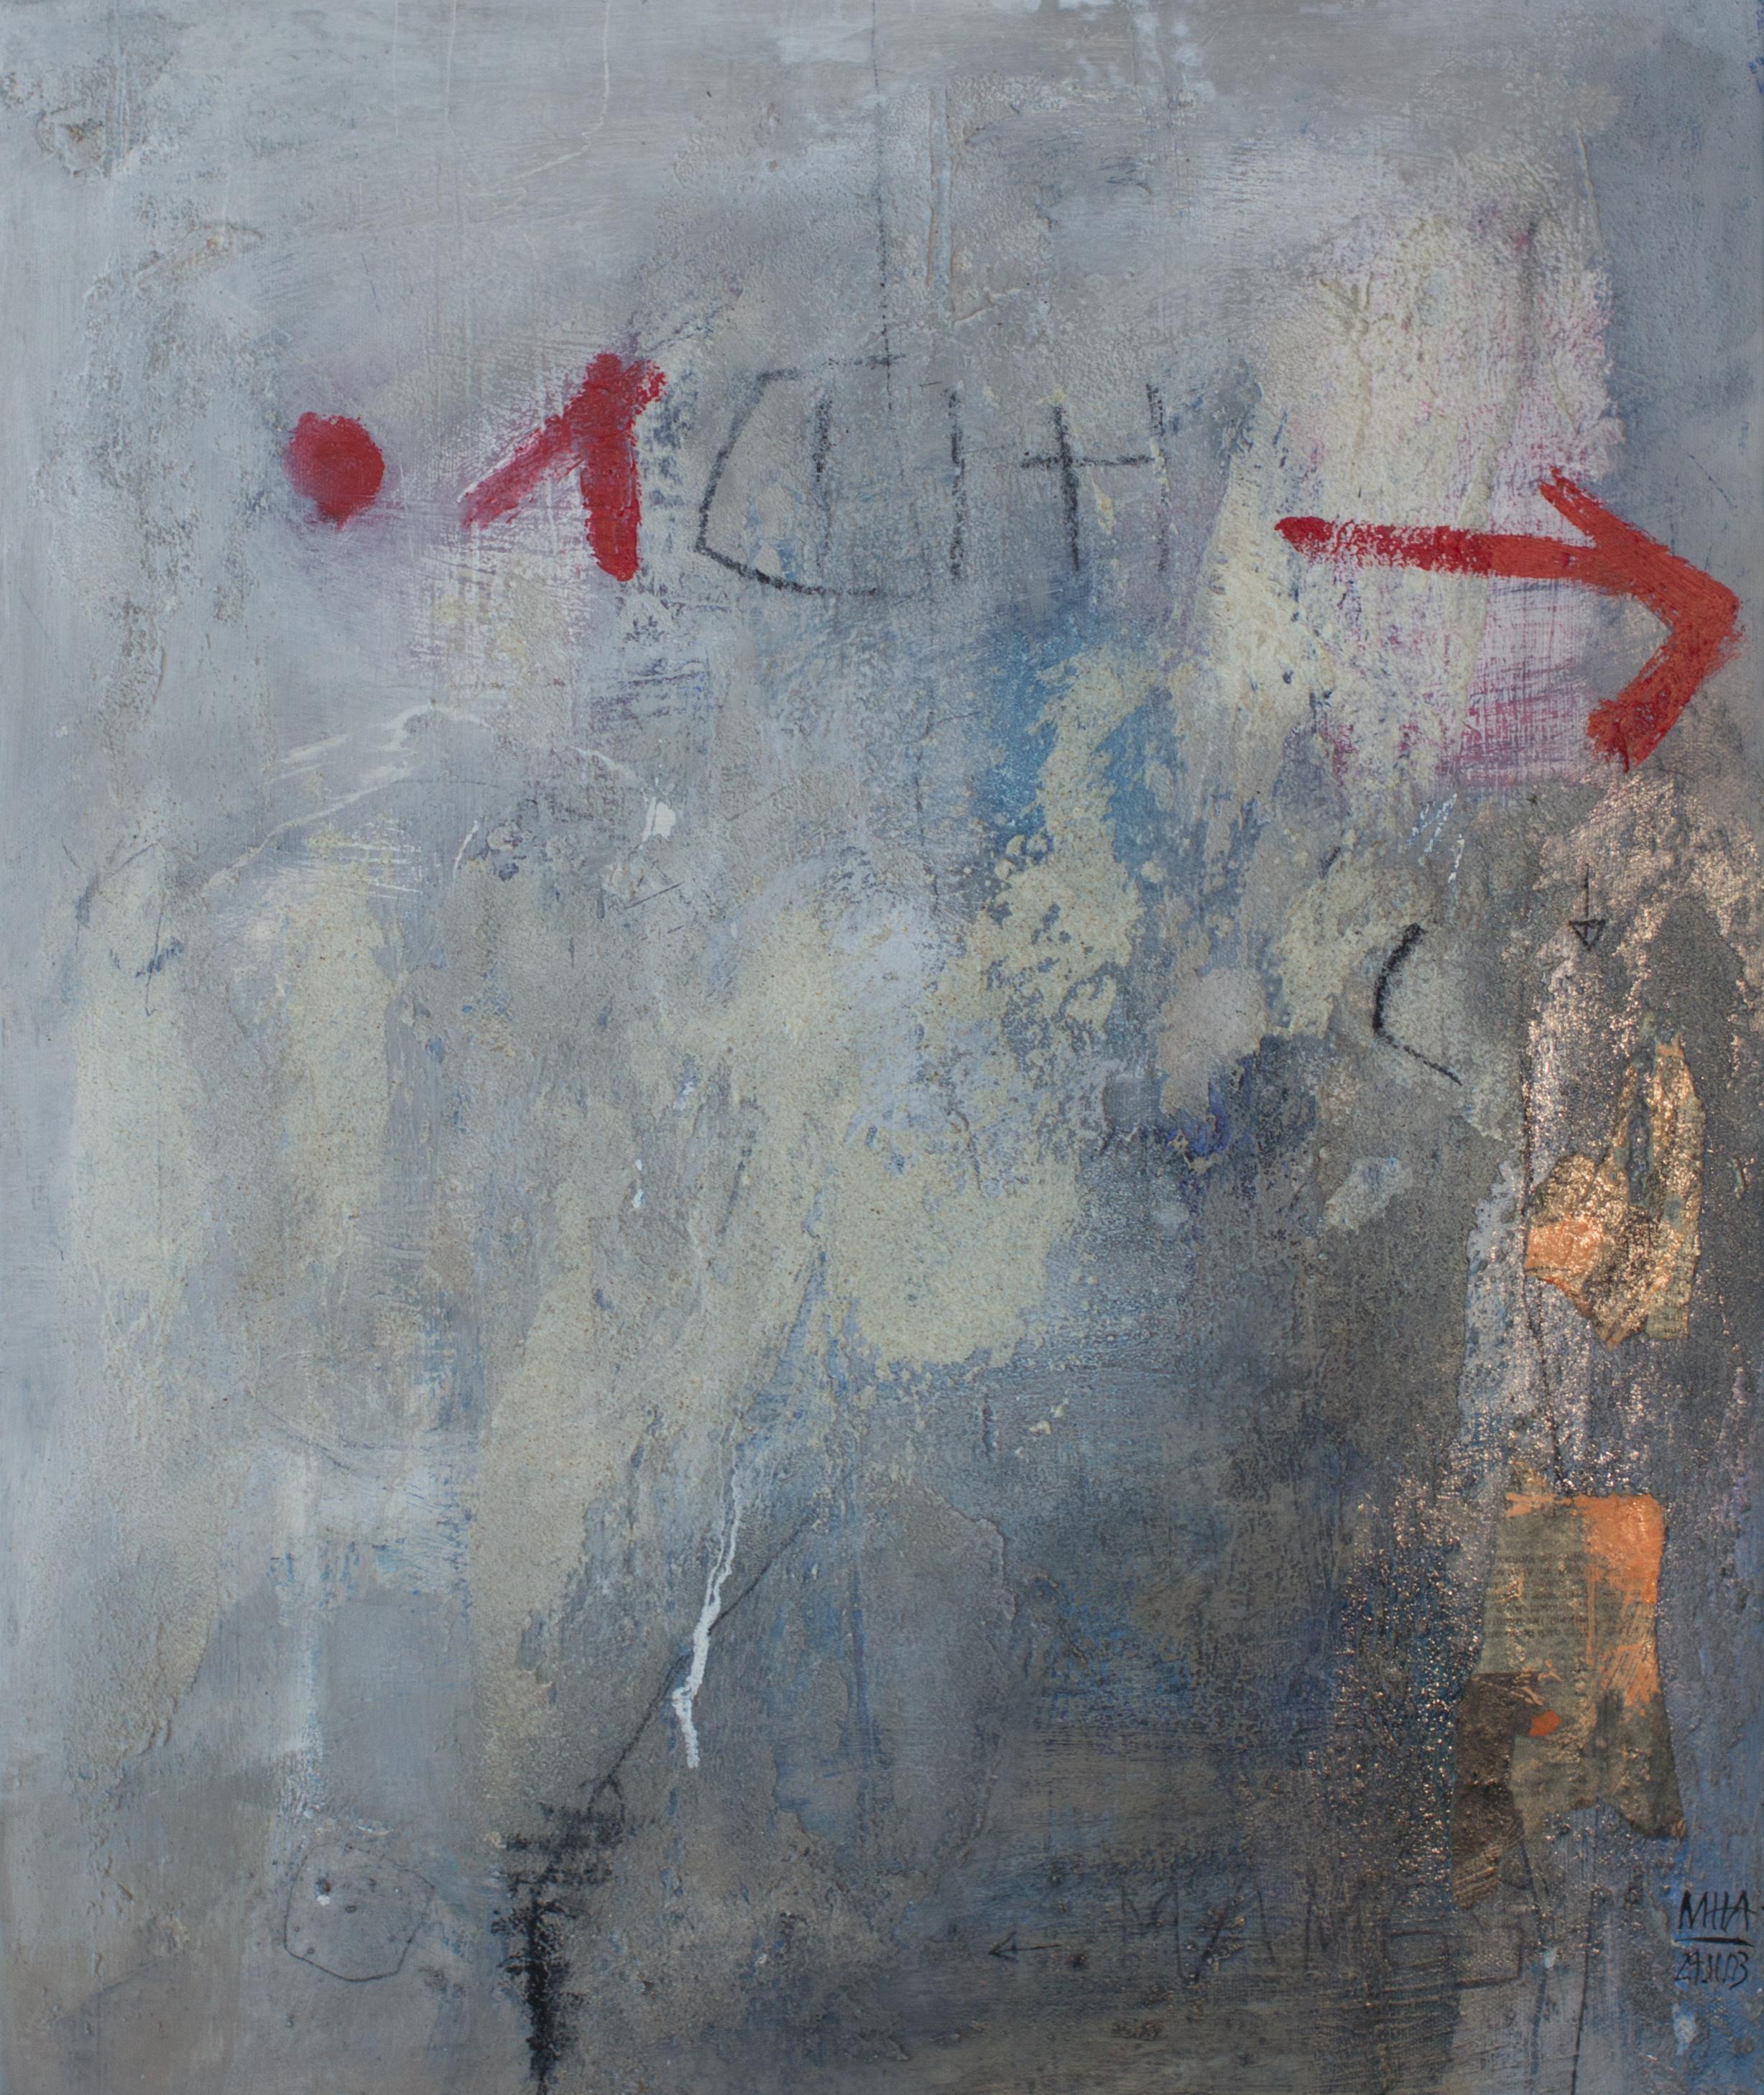 Wand A ,2003,Acryl auf Leinwand - Mischtechnik, 50x60 cm